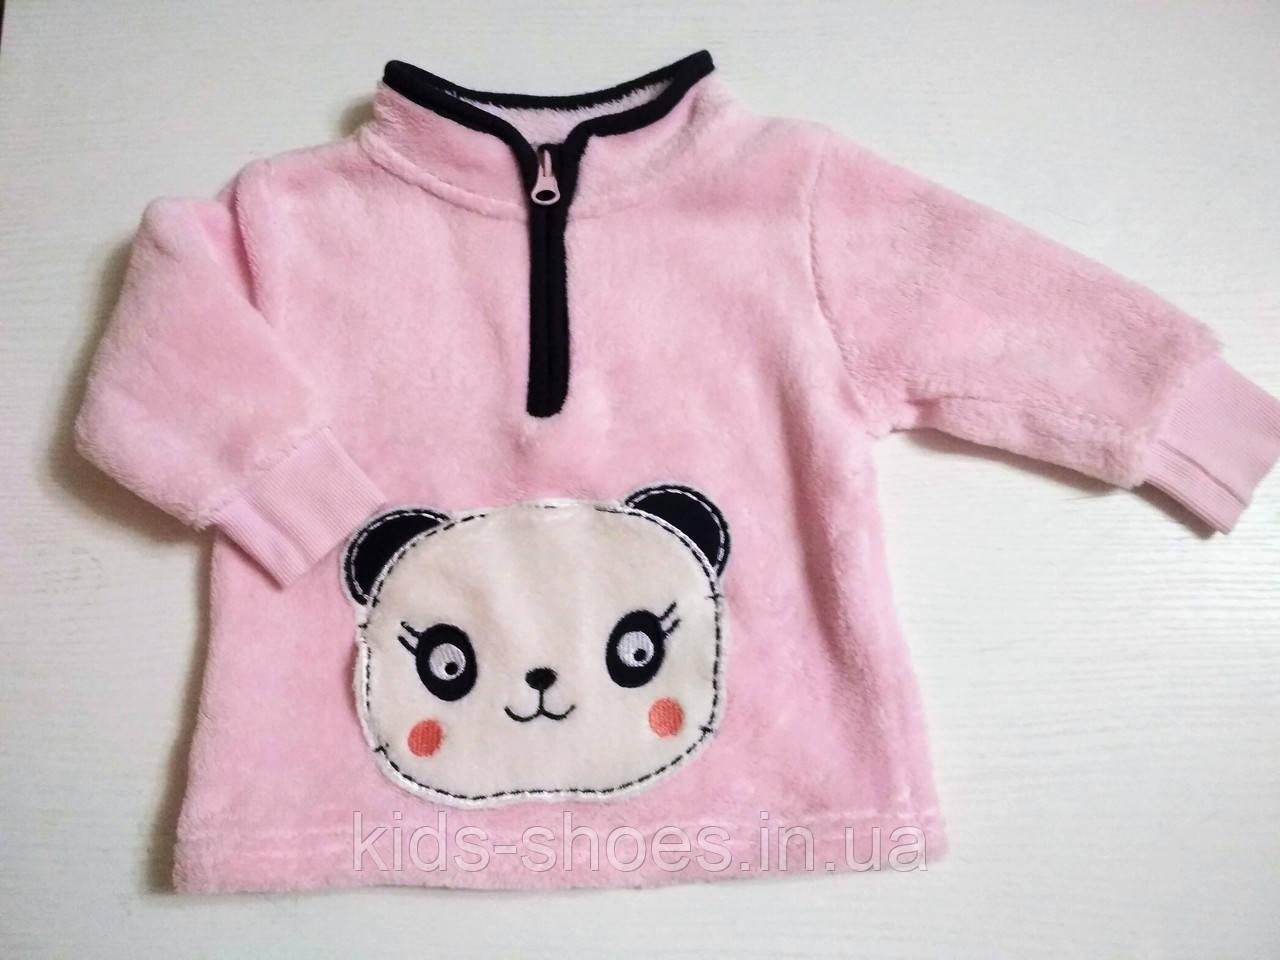 Детская кофта-джемпер плюшевая Панда 62-68 рост